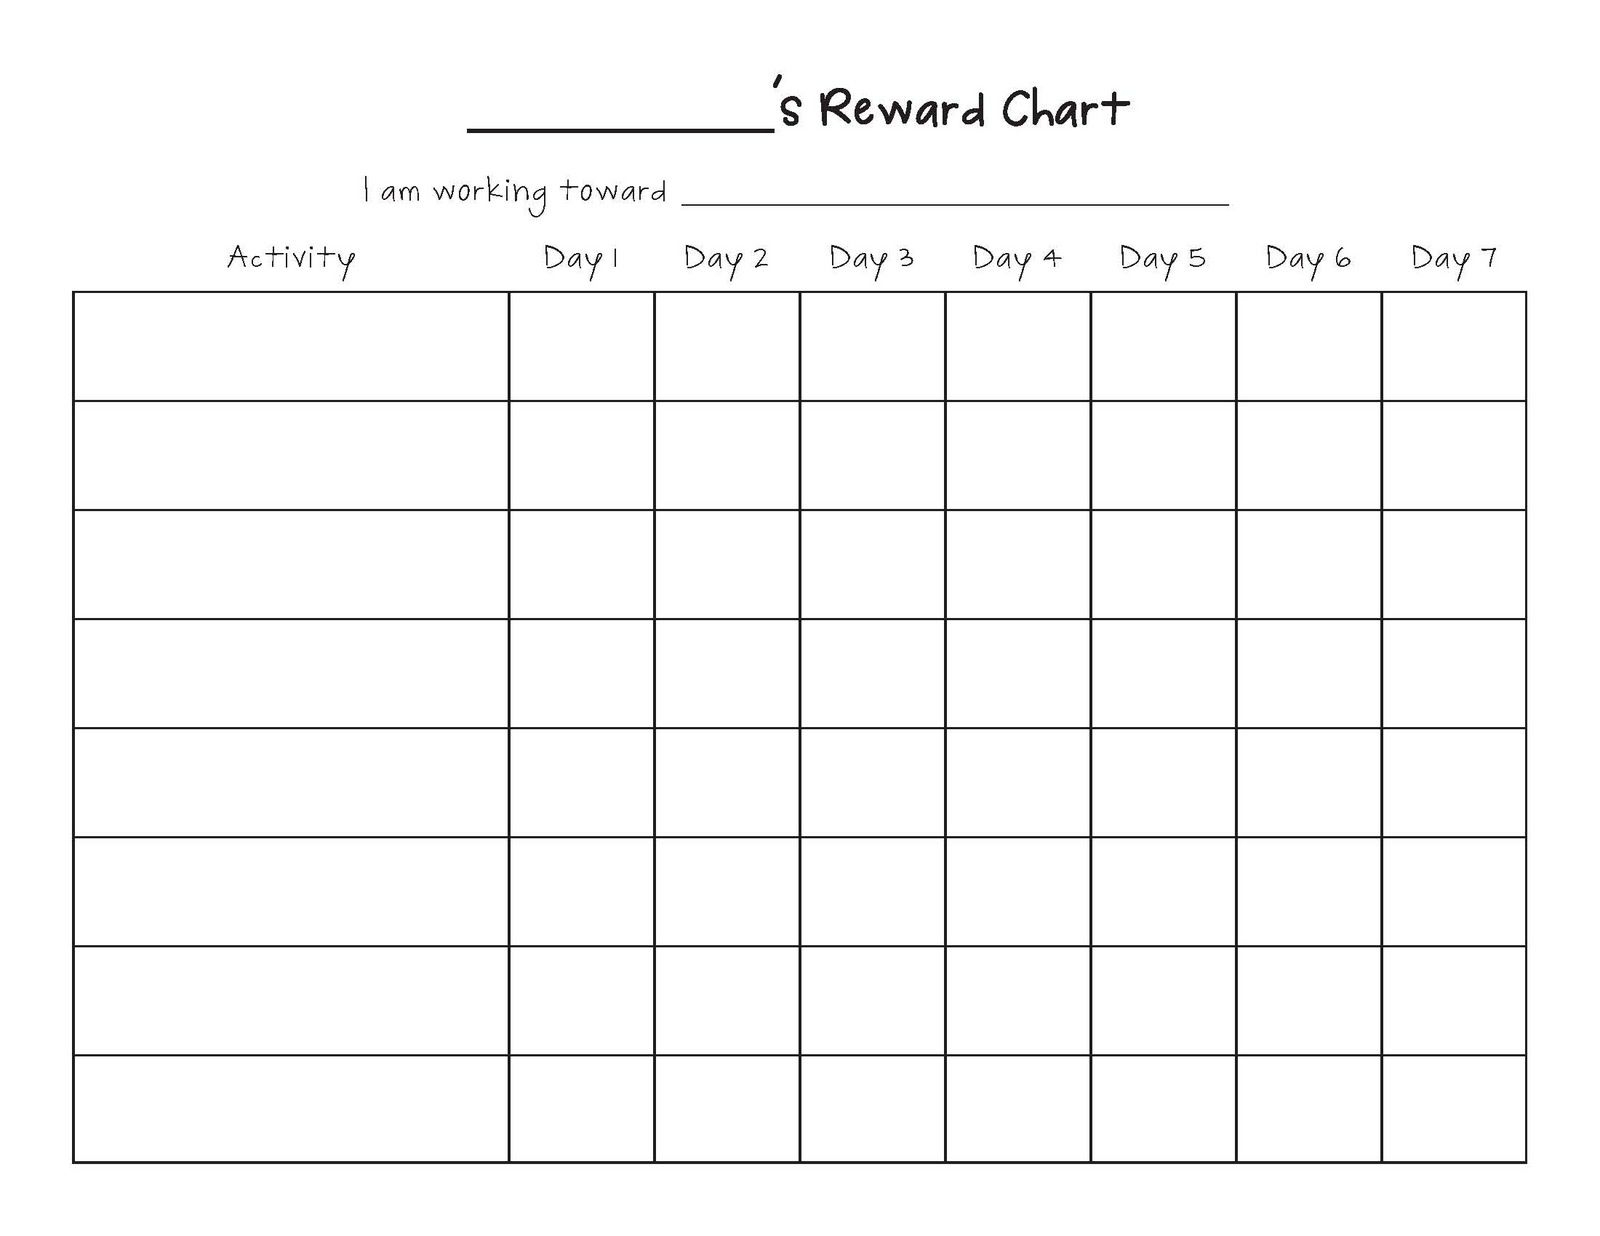 Free Printable Blank Charts | Printable Blank Charts Image Search - Free Printable Charts And Lists